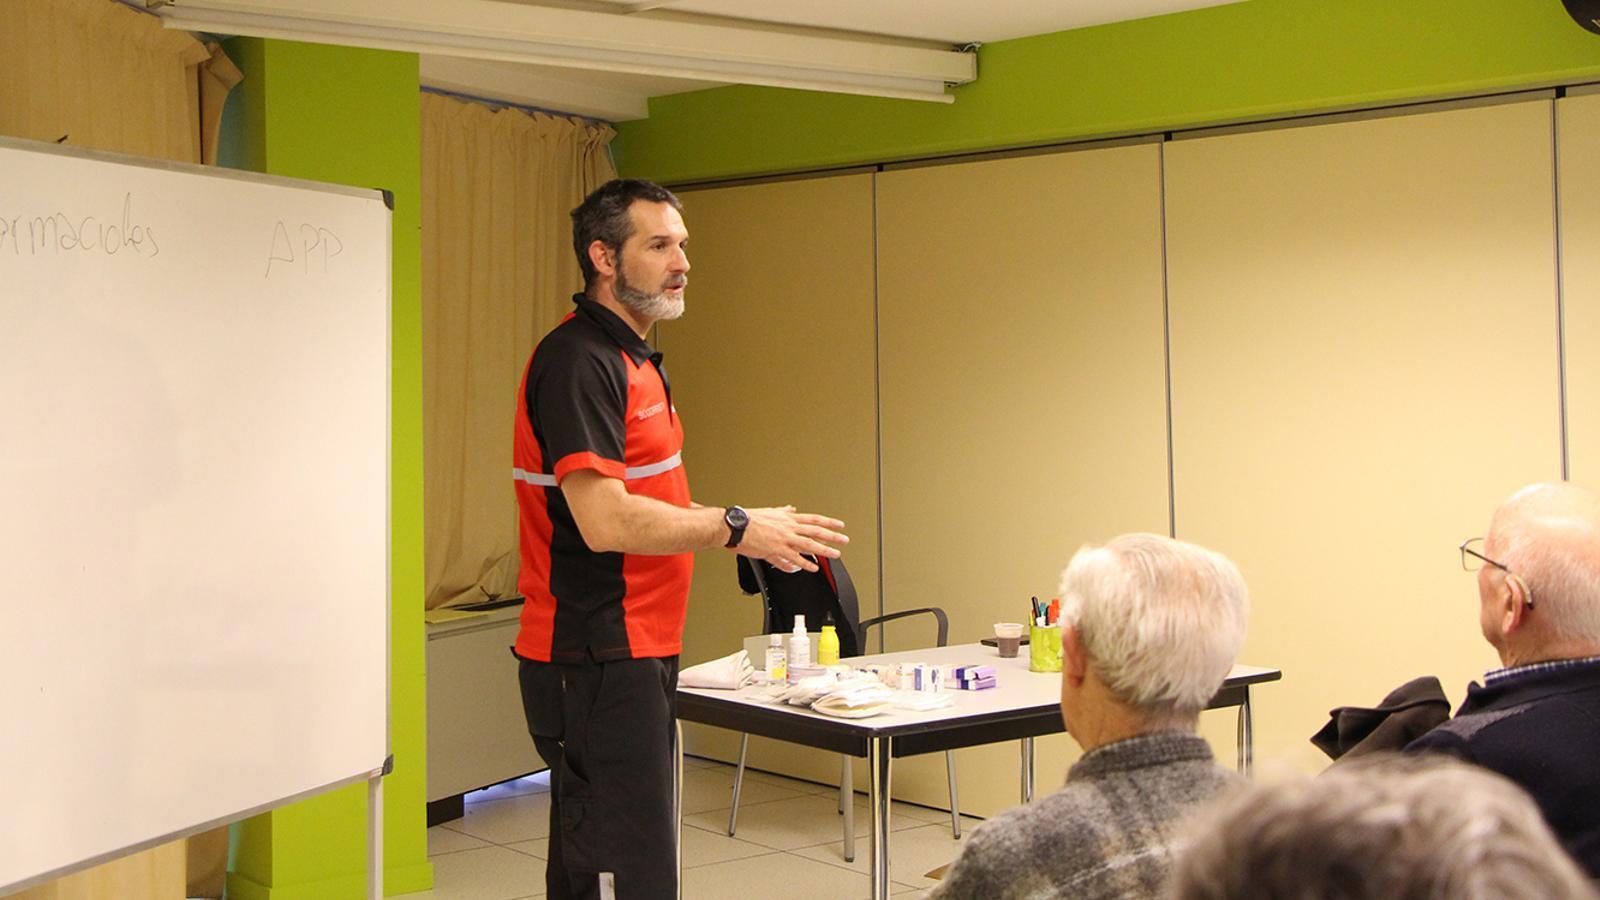 El formador i cap del departament de preventius de la Creu Roja Andorrana, Àlex Mata, durant la formació a L'espai. / M. F. (ANA)